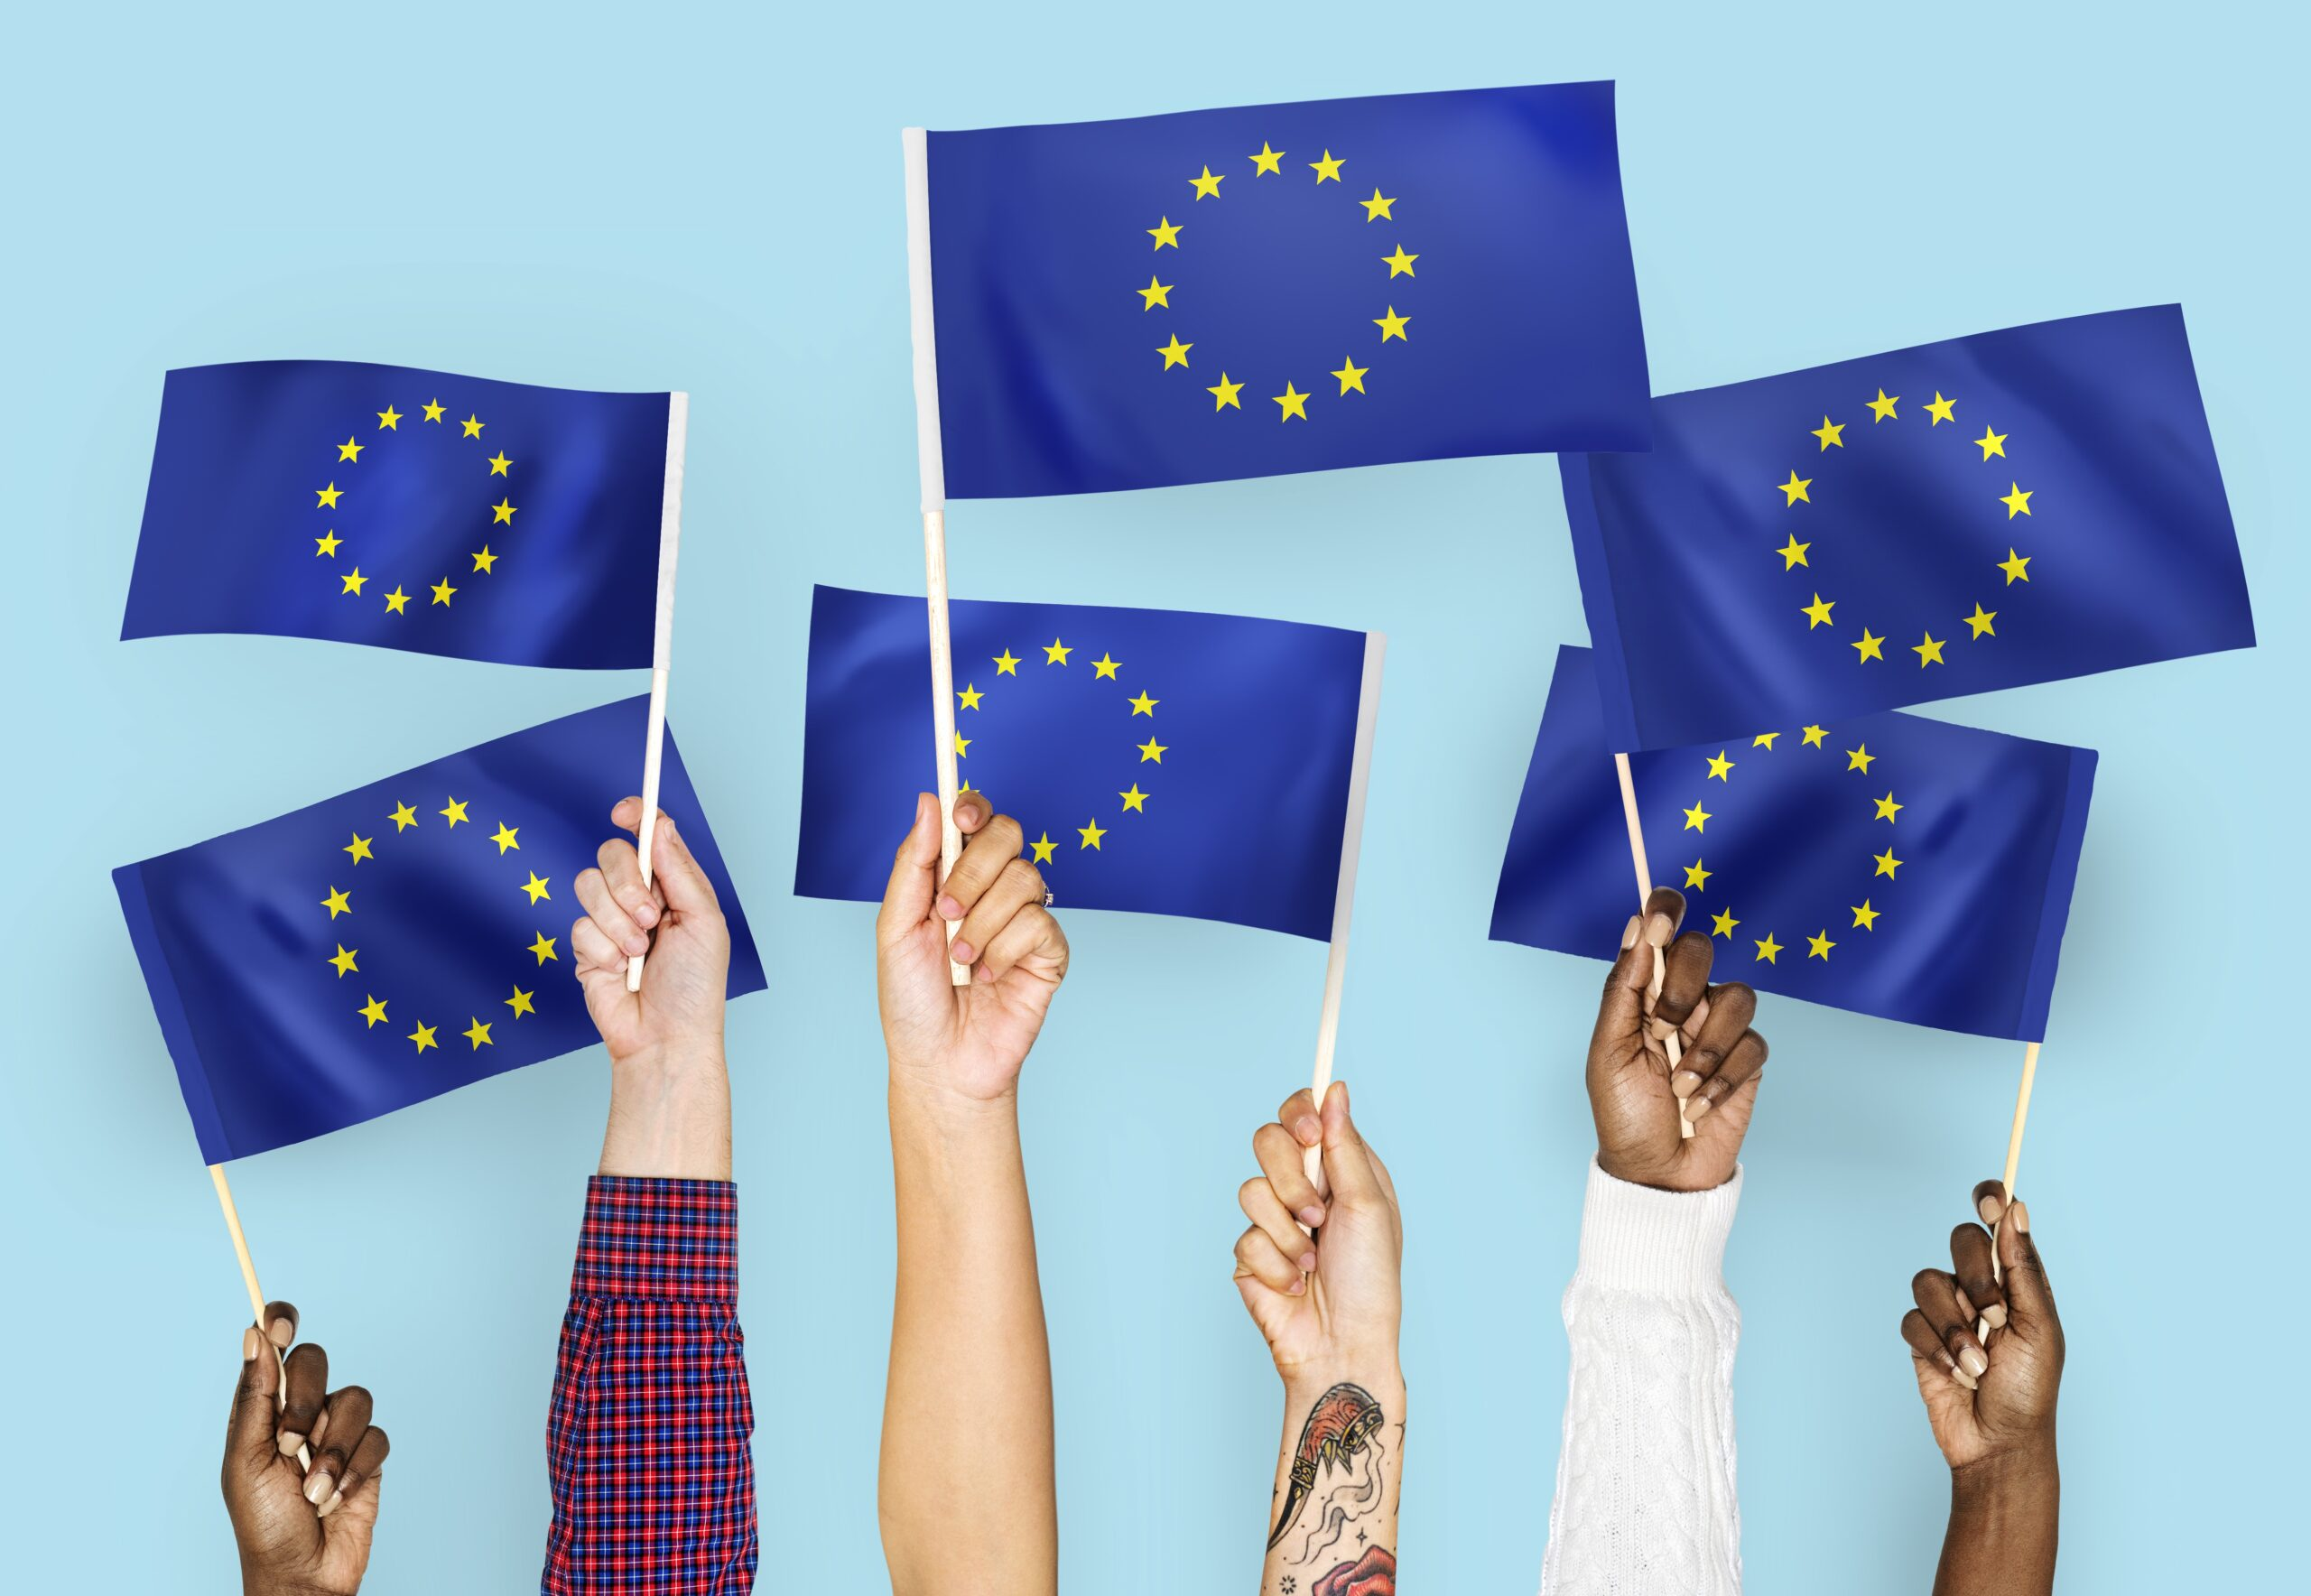 La Unión Europea invertirá casi 10.000 millones de euros en transición ecológica y digital